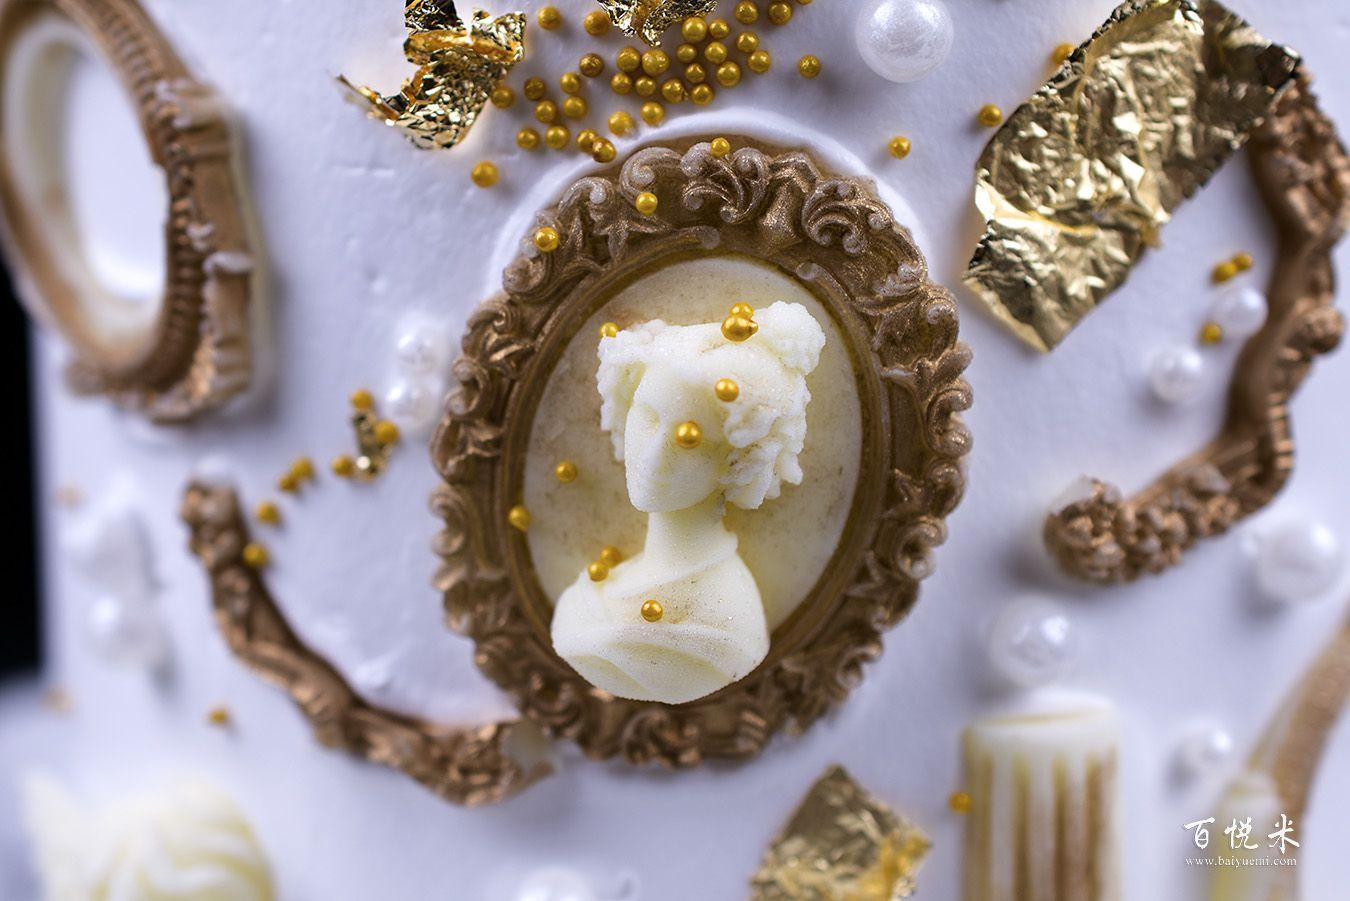 罗马天使浮雕蛋糕高清图片大全【蛋糕图片】_1064